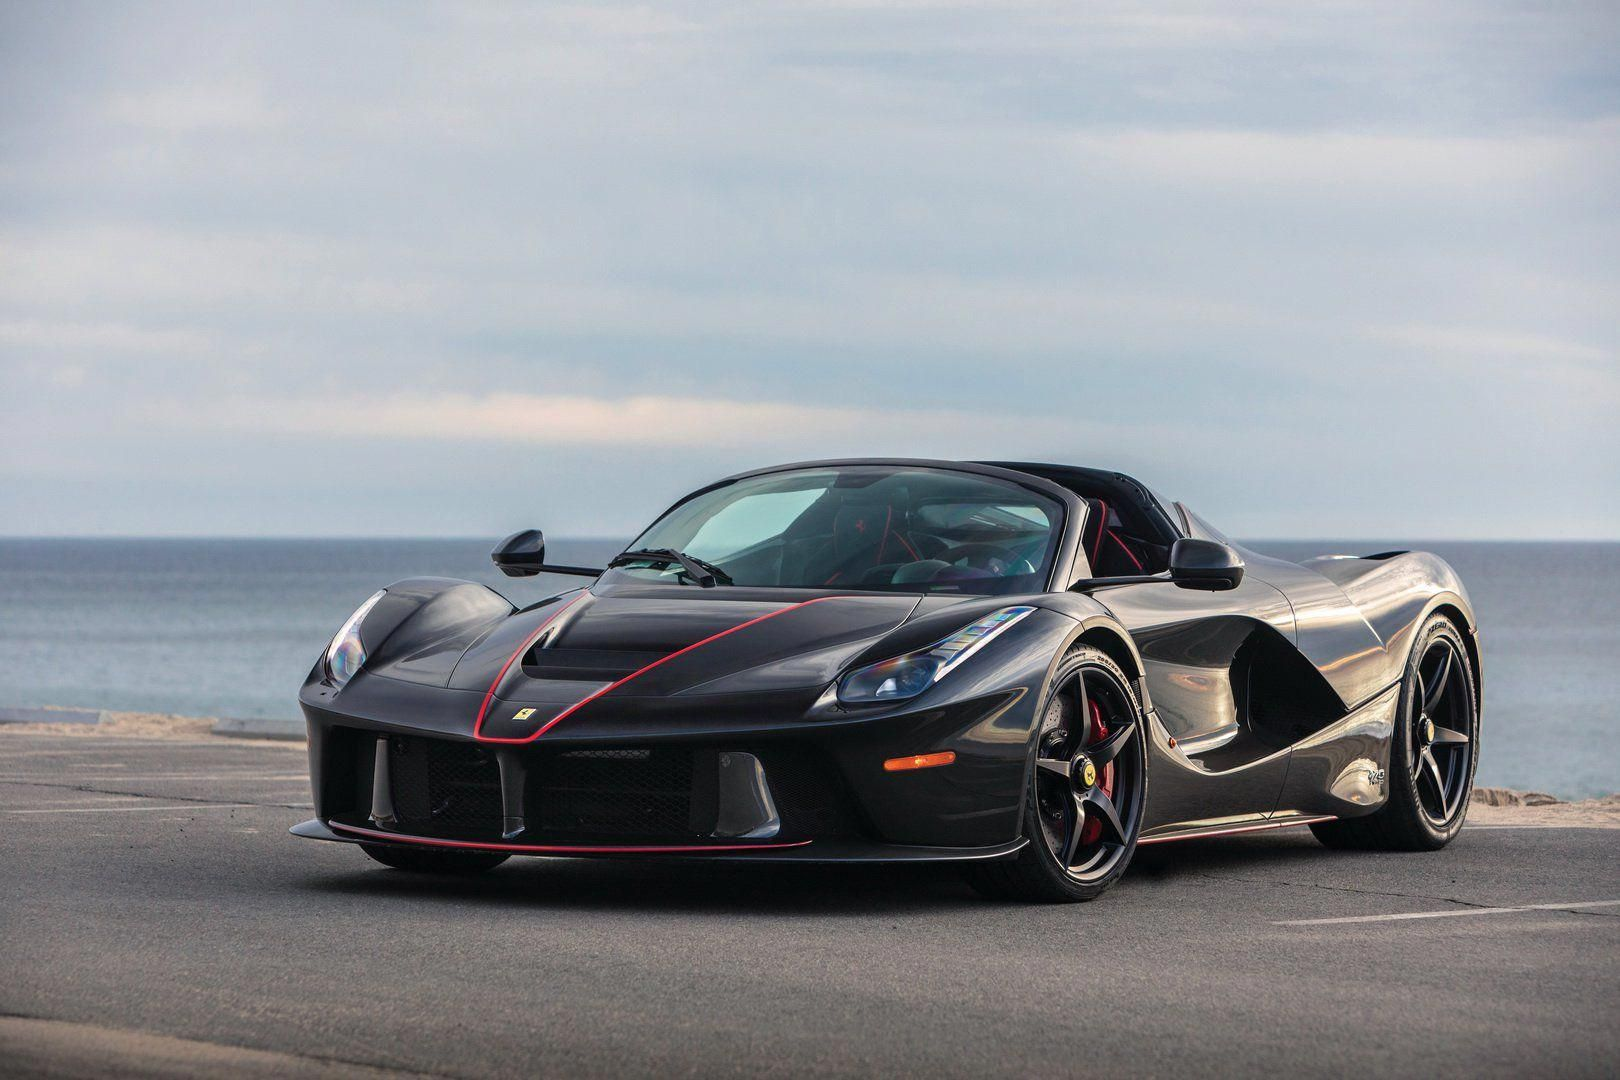 Ferrari Laferrari Aperta Expected To Sell For 6 5 8 5 Million At Auction Boss Hyper Luxury Super Sports Ca Ferrari Laferrari Ferrari Super Sport Cars